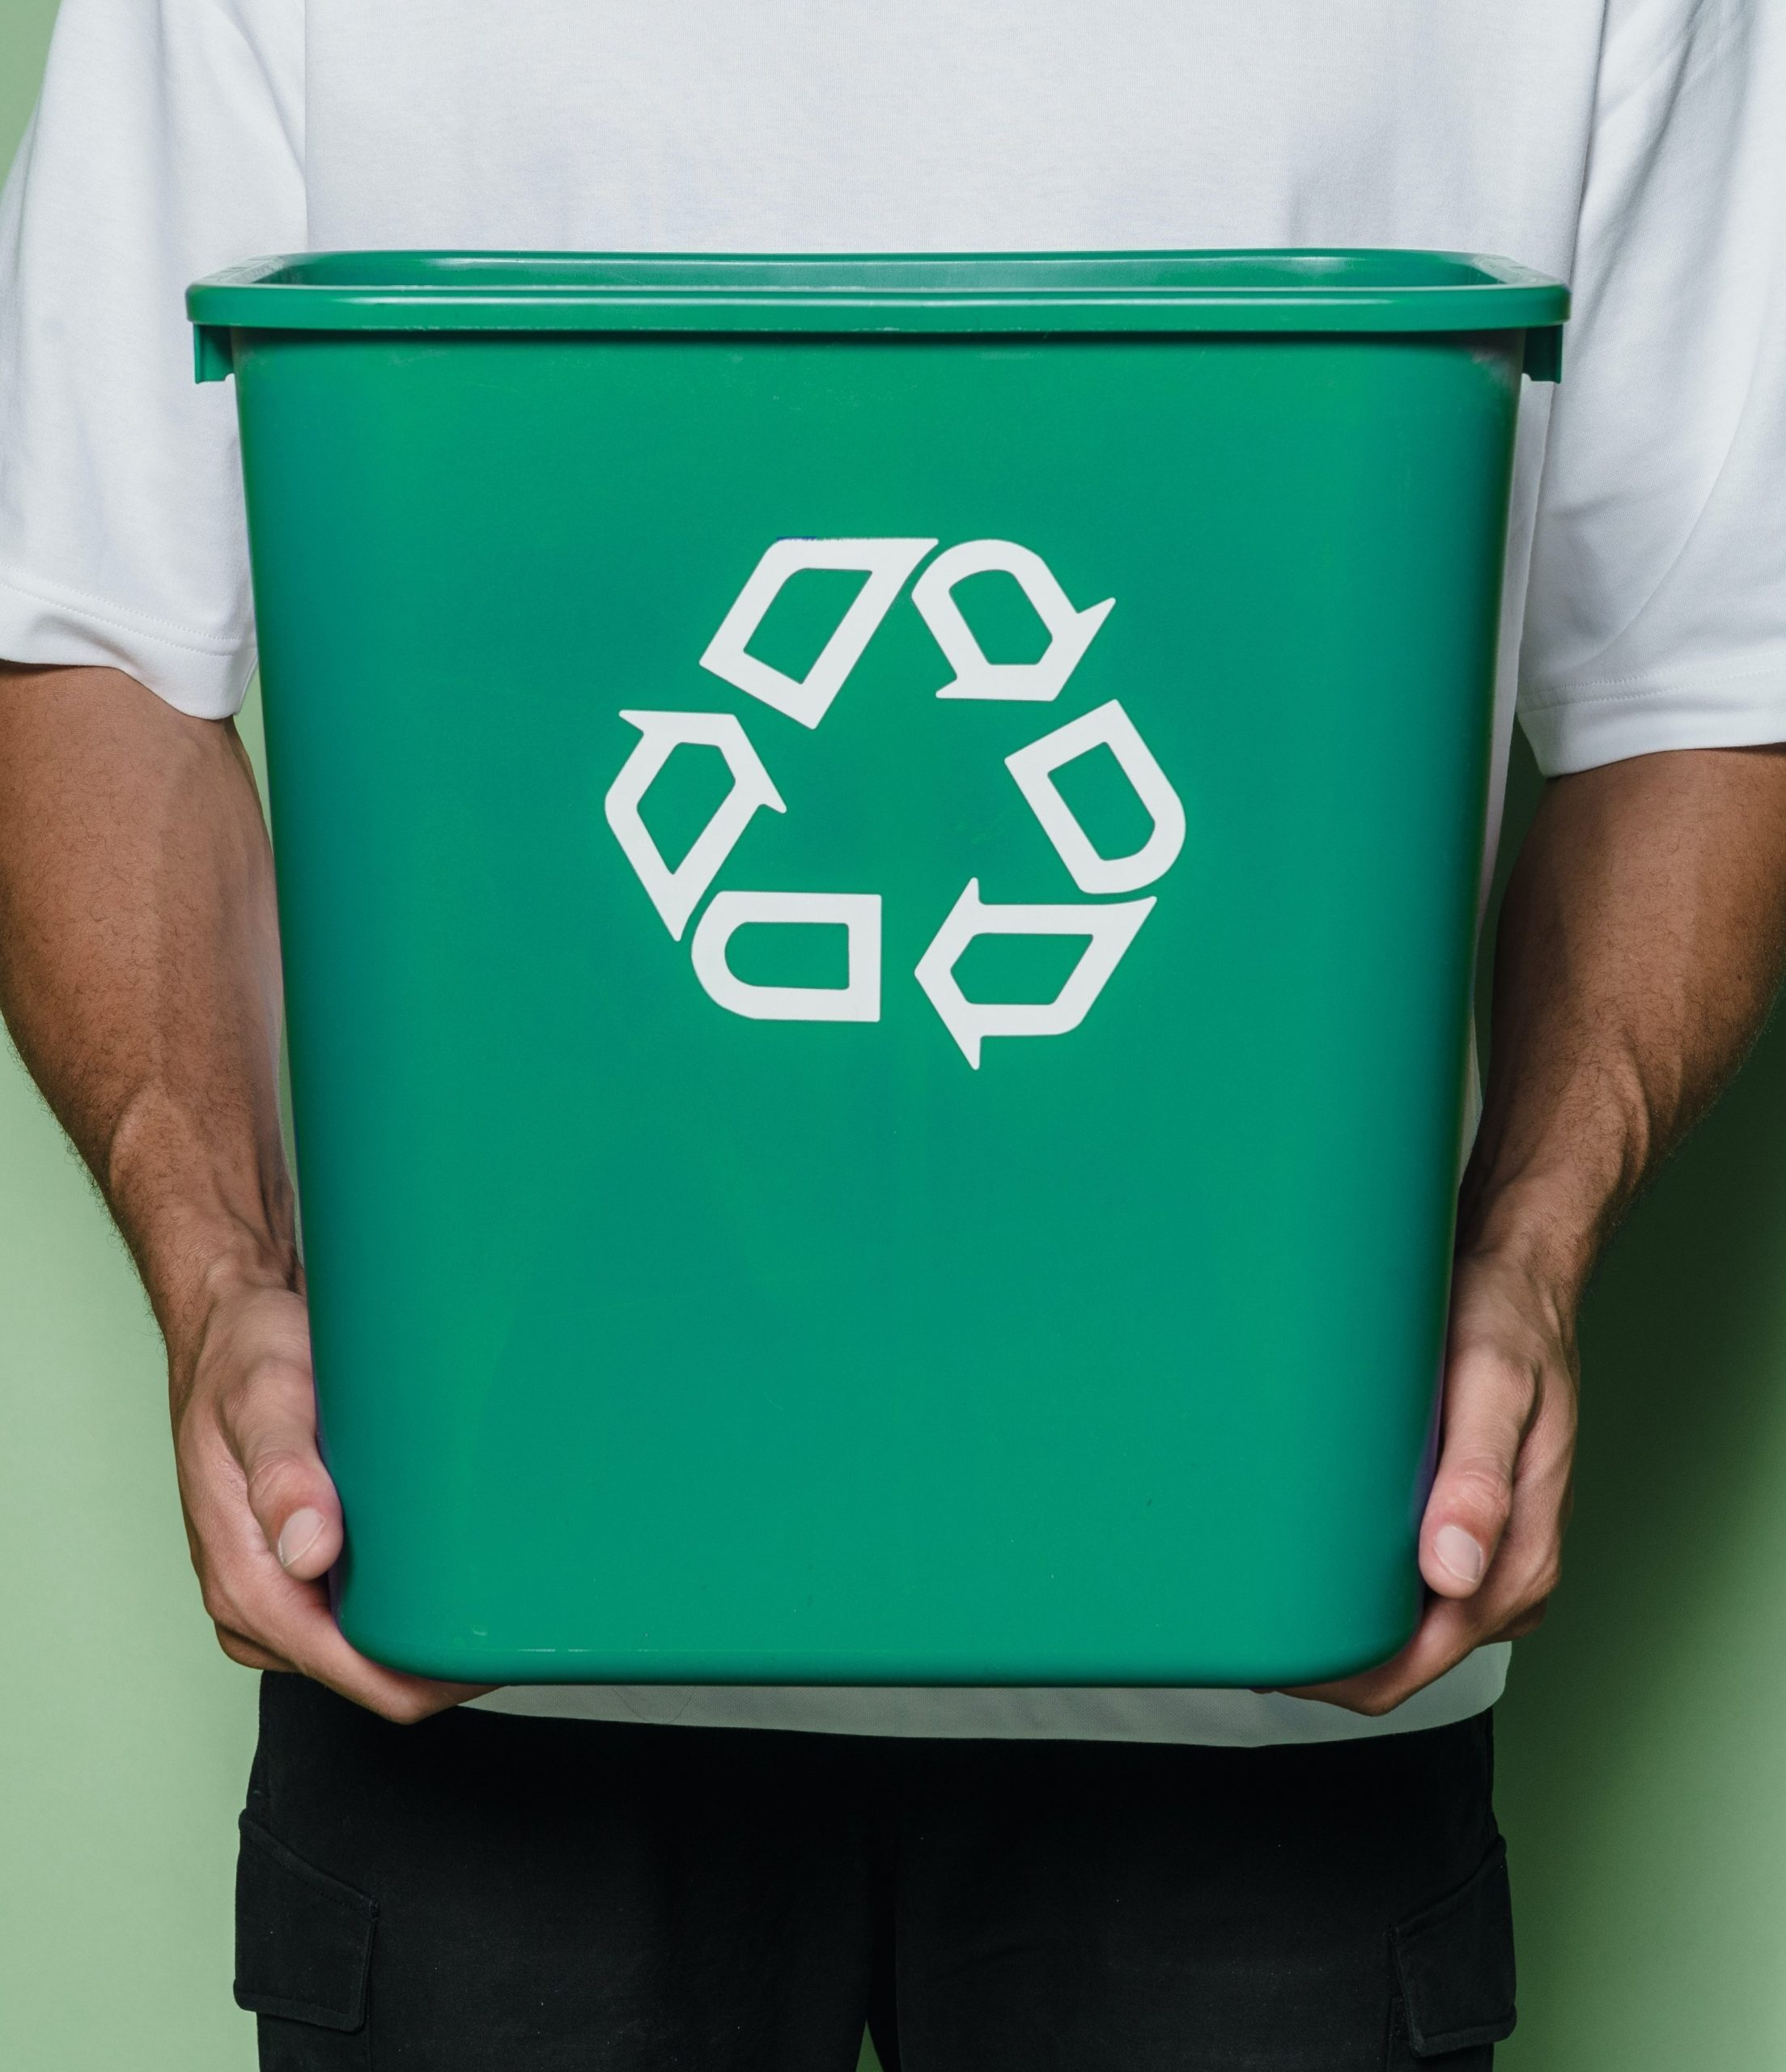 ordinateur reconditionné recyglage